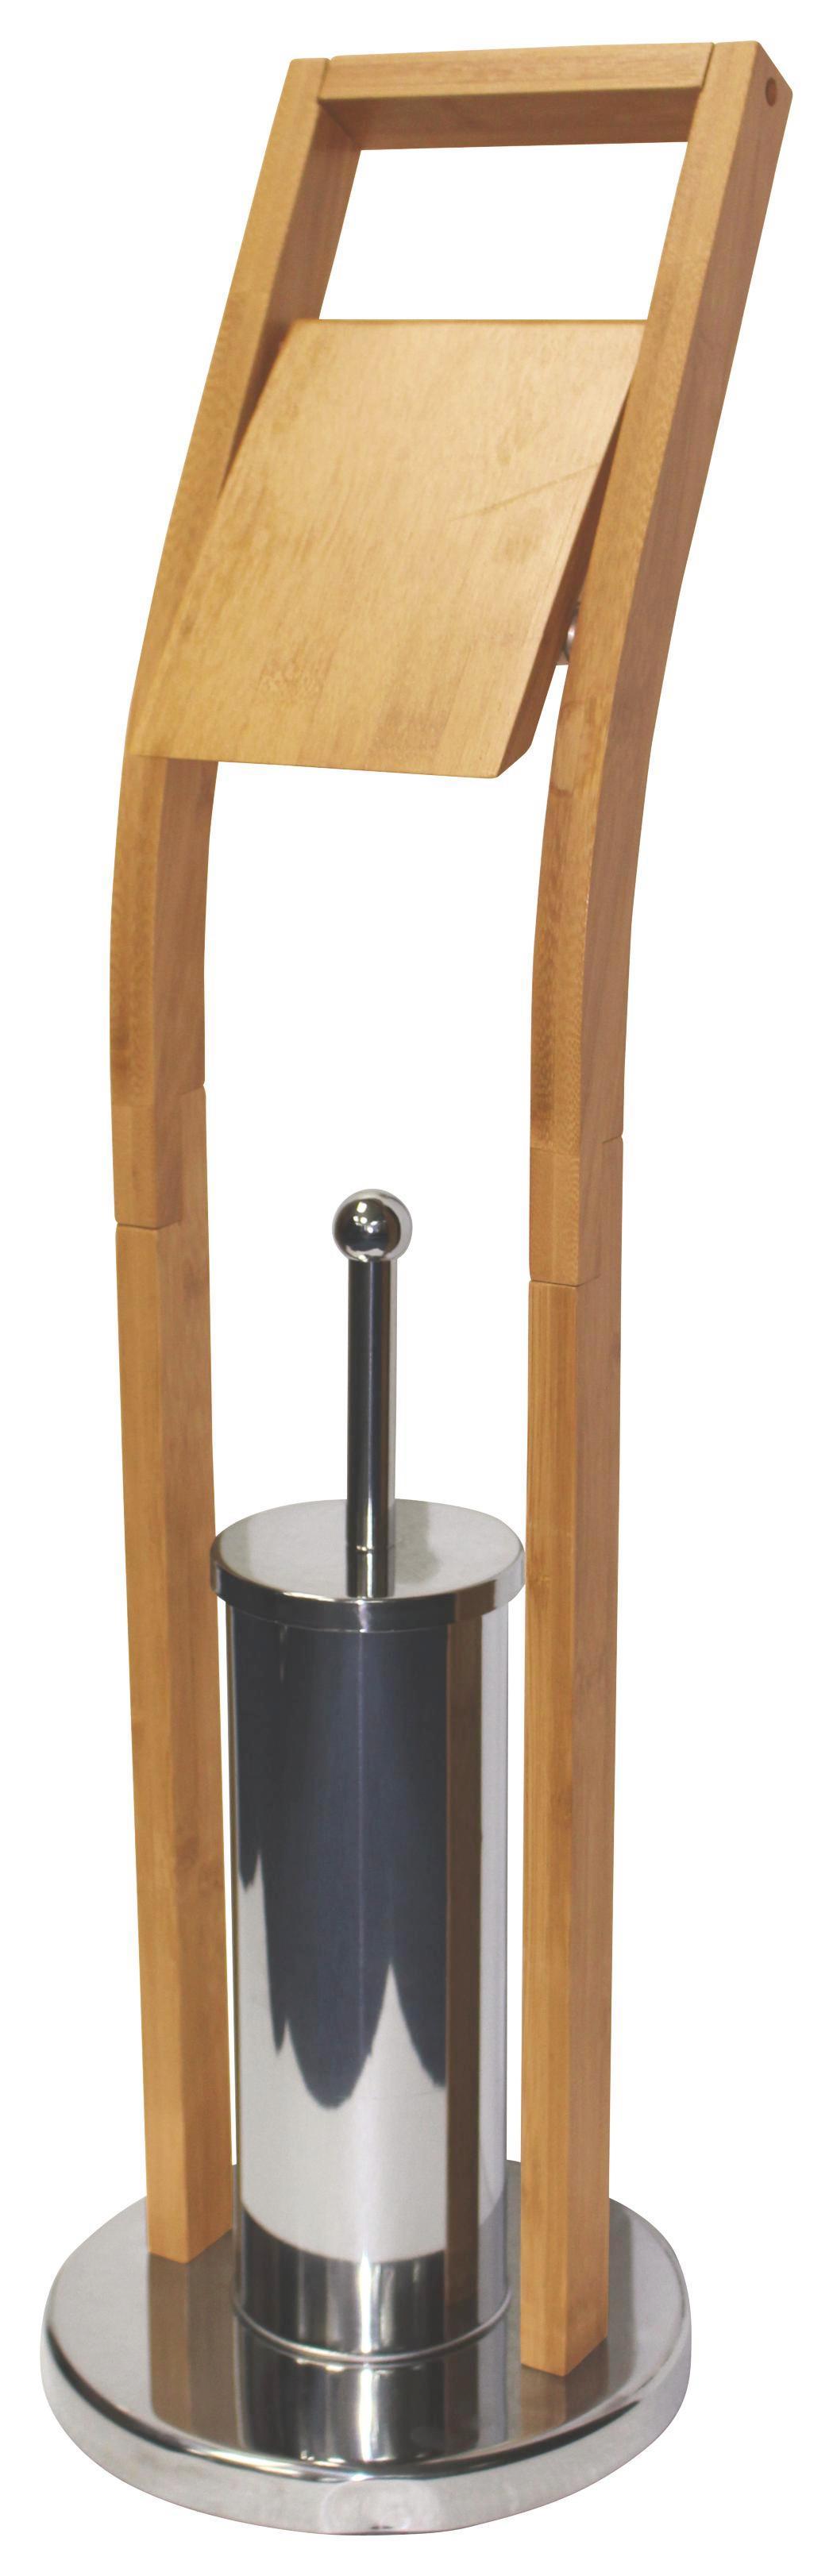 Držák Na Wc Štětku Nancy - barvy chromu/přírodní barvy, Moderní, kov/dřevo (22/75/22cm) - HOMEZONE